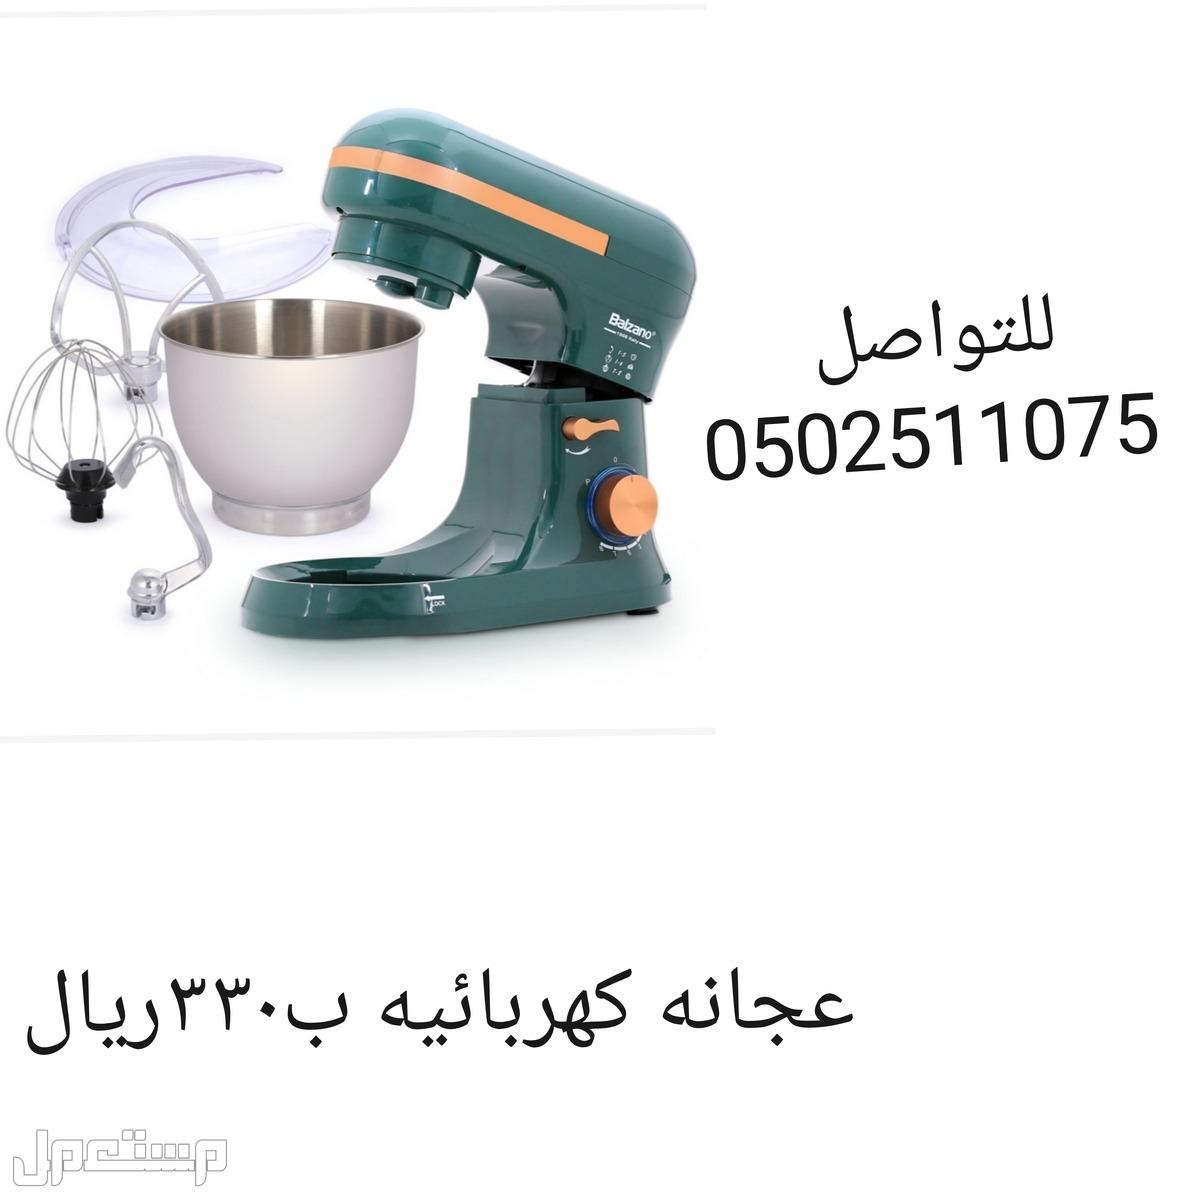 عجانه كهربائيه جديده